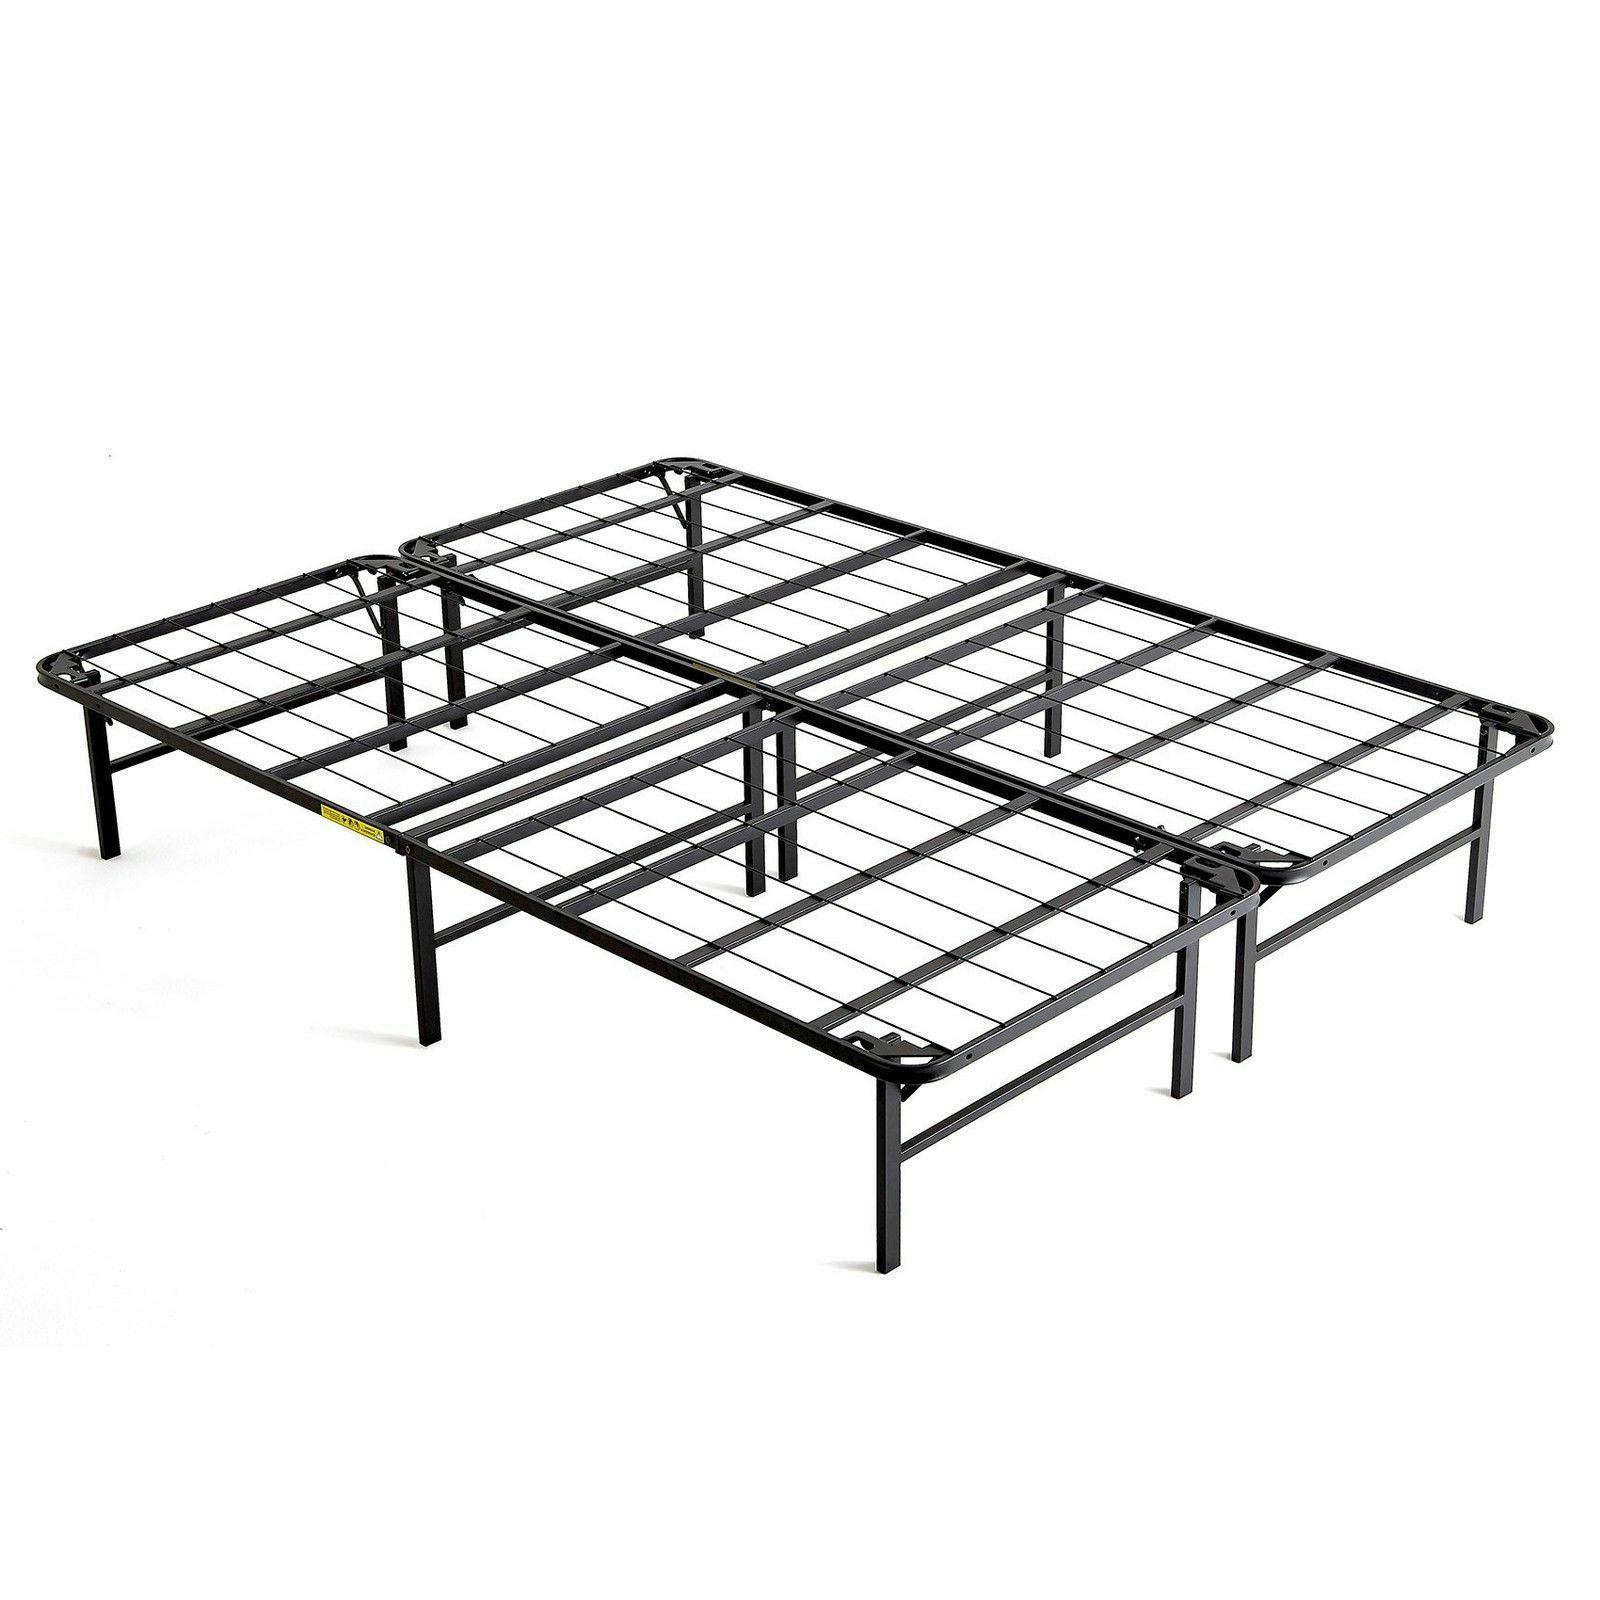 fold platform metal bed frame queen lightweight